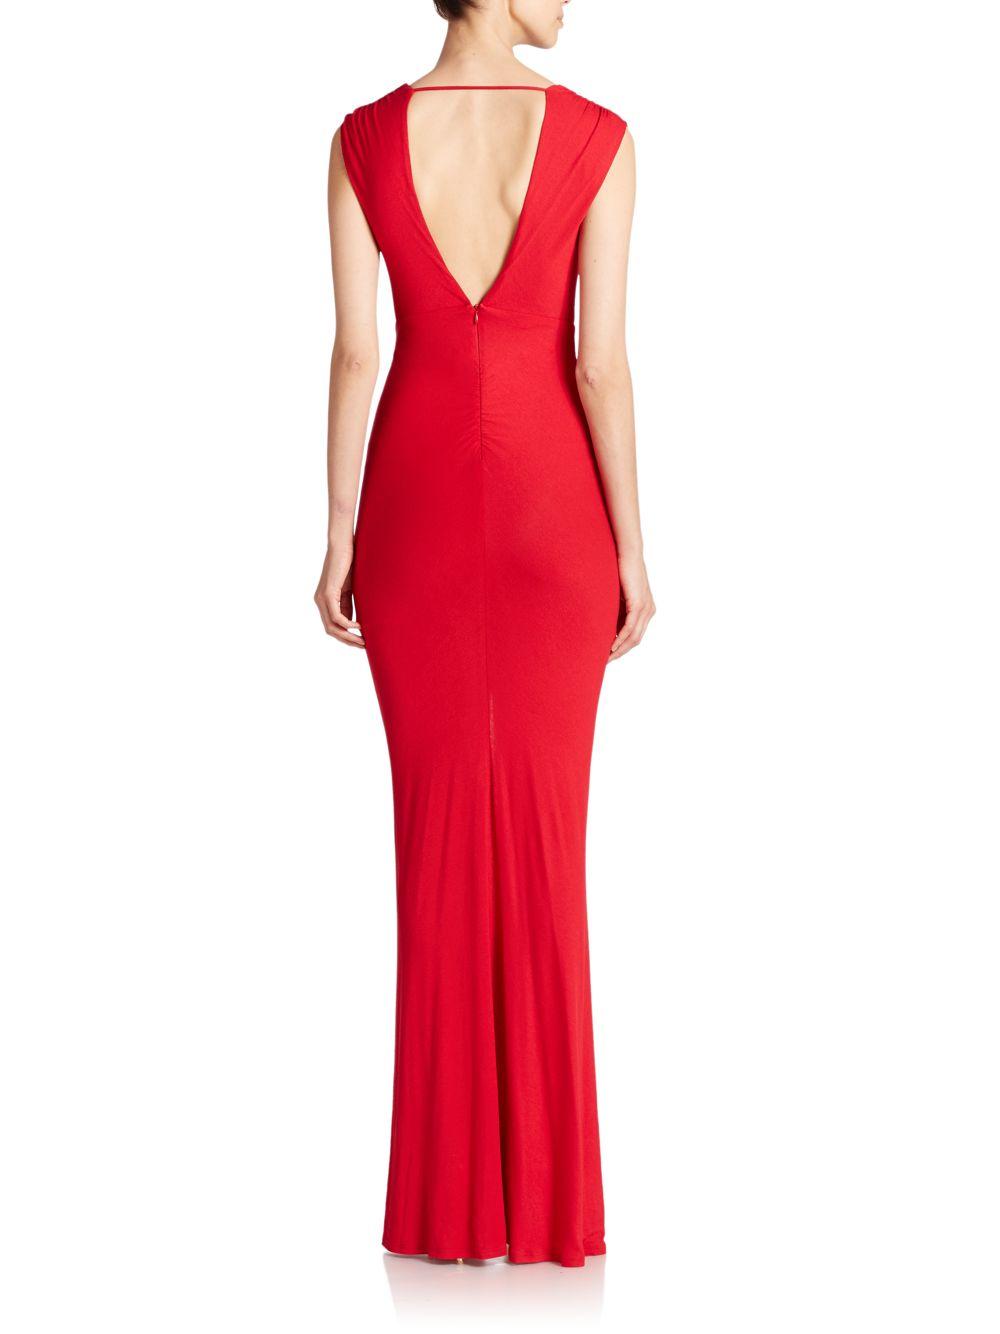 Lyst - Abs By Allen Schwartz Shirred Deep-v Gown in Red